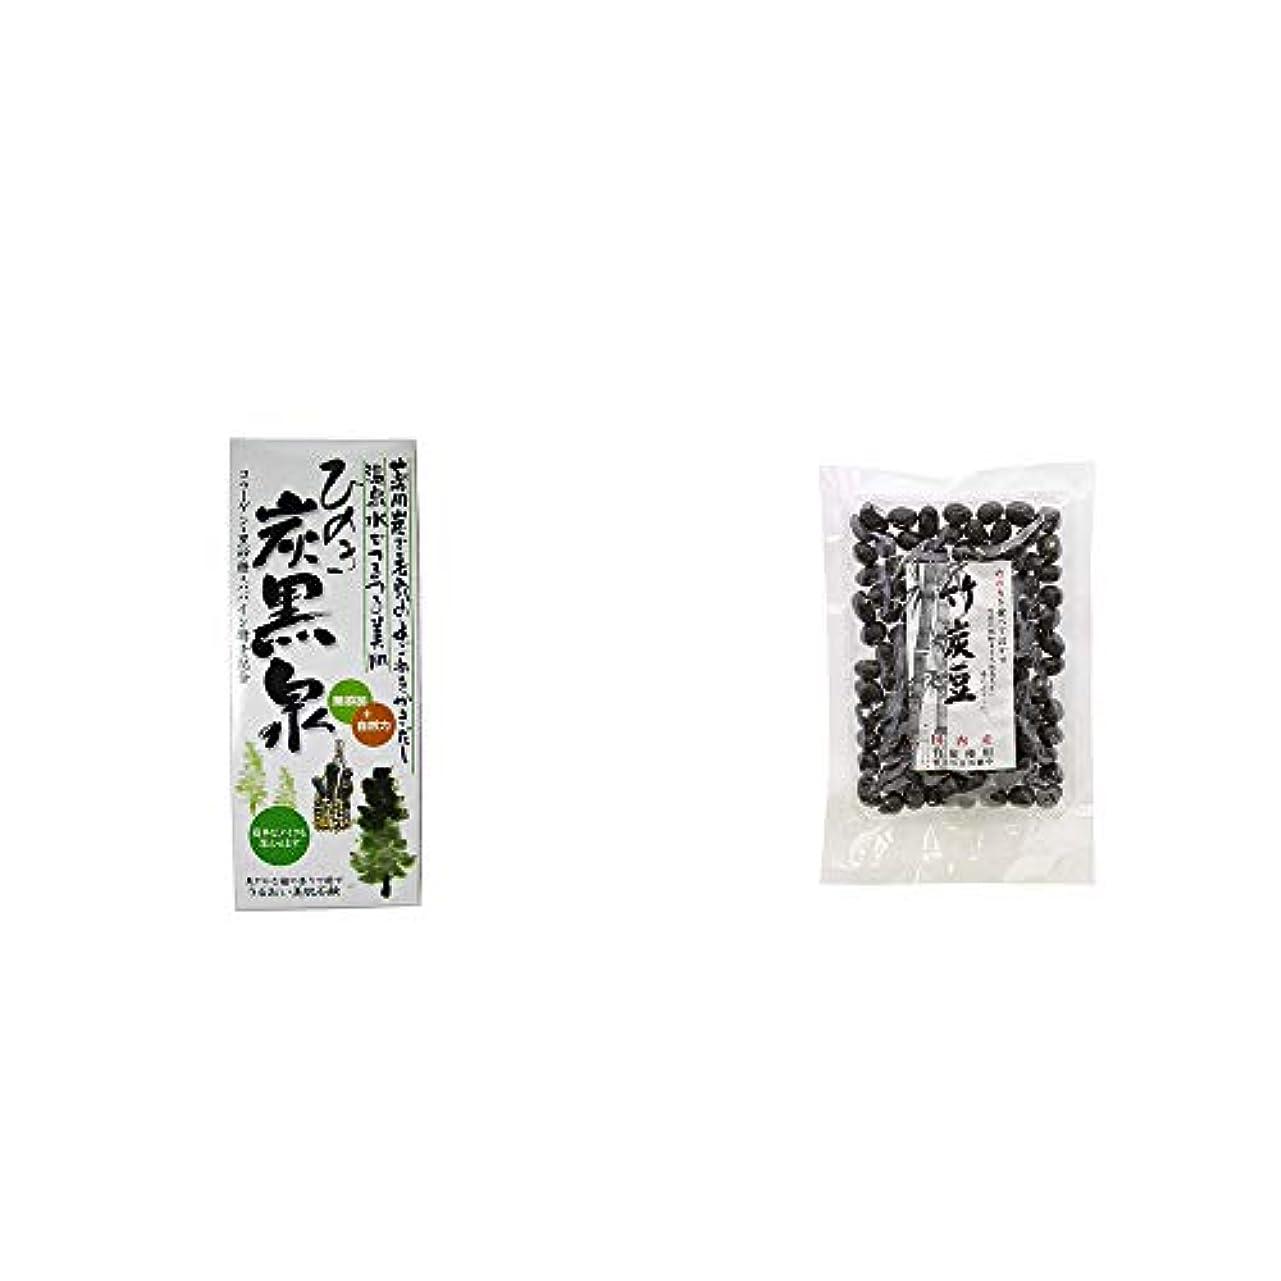 迅速自治再び[2点セット] ひのき炭黒泉 箱入り(75g×3)?国内産 竹炭使用 竹炭豆(160g)